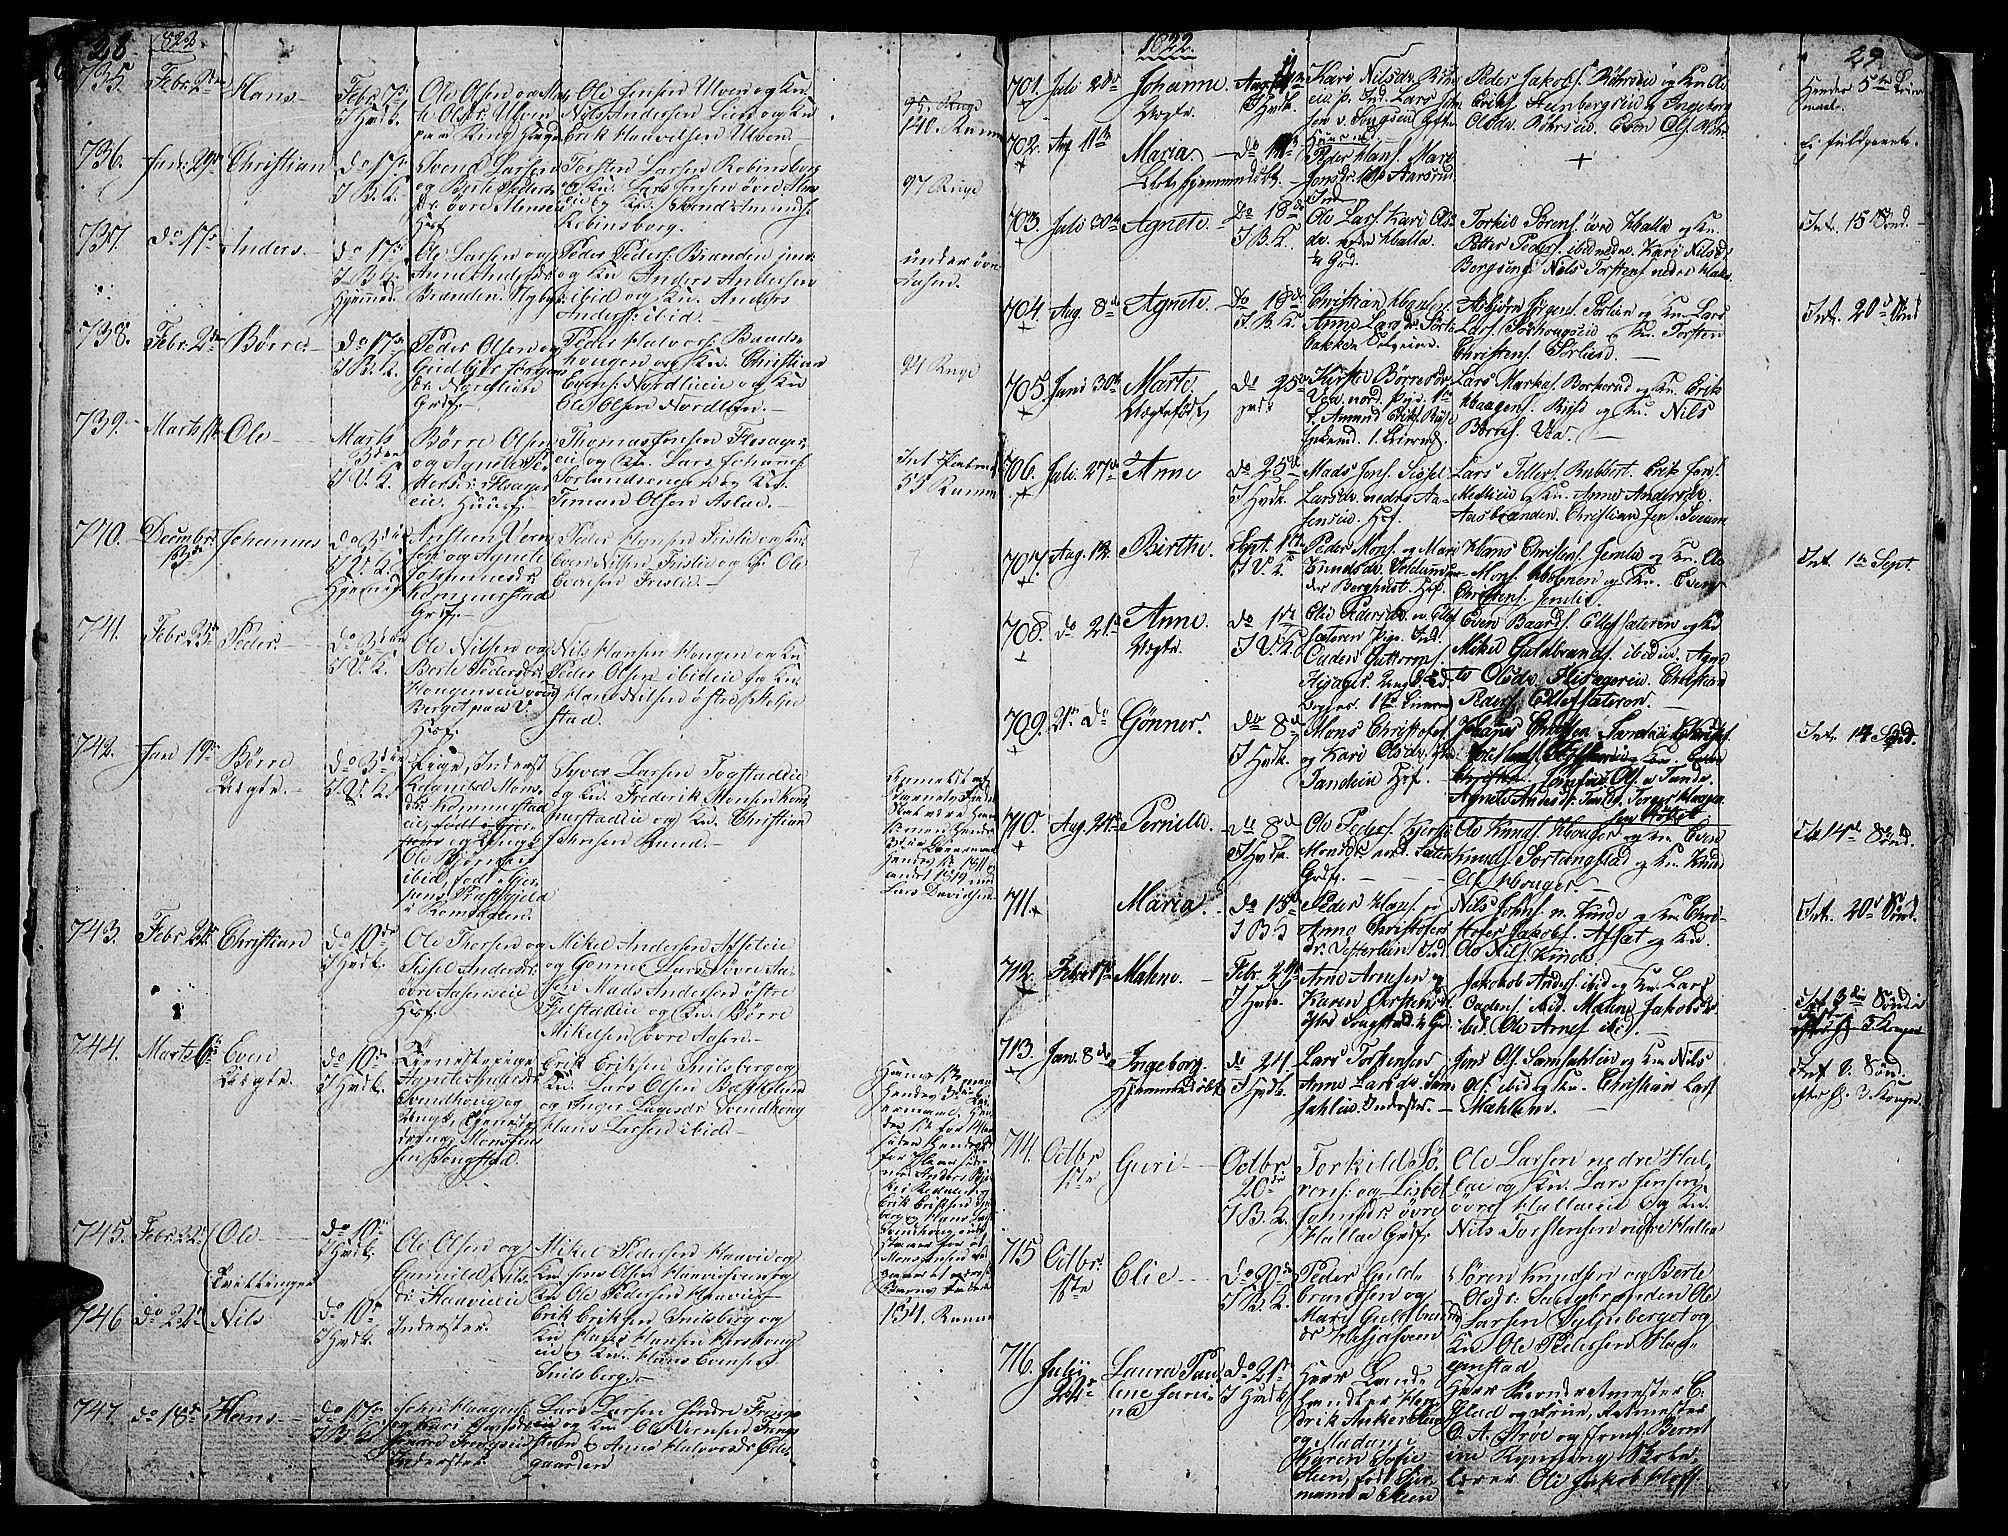 SAH, Ringsaker prestekontor, L/La/L0002: Klokkerbok nr. 2, 1821-1823, s. 28-29